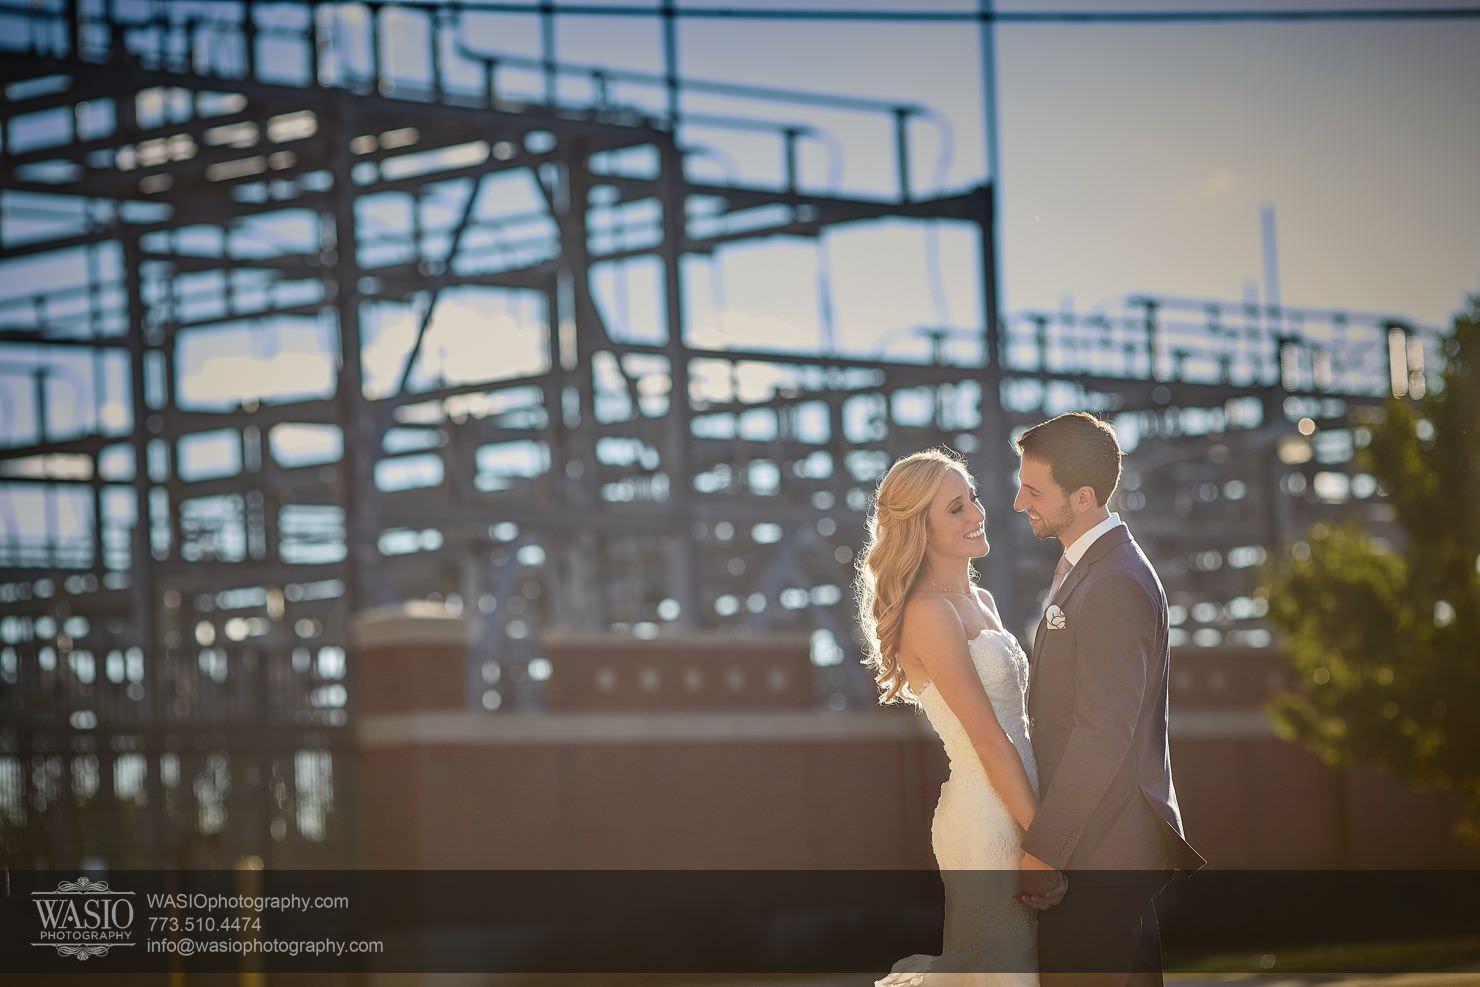 12_Chicago-Gallery-Wedding_0O3A8495 Chicago Gallery Wedding - Courtney + Danny